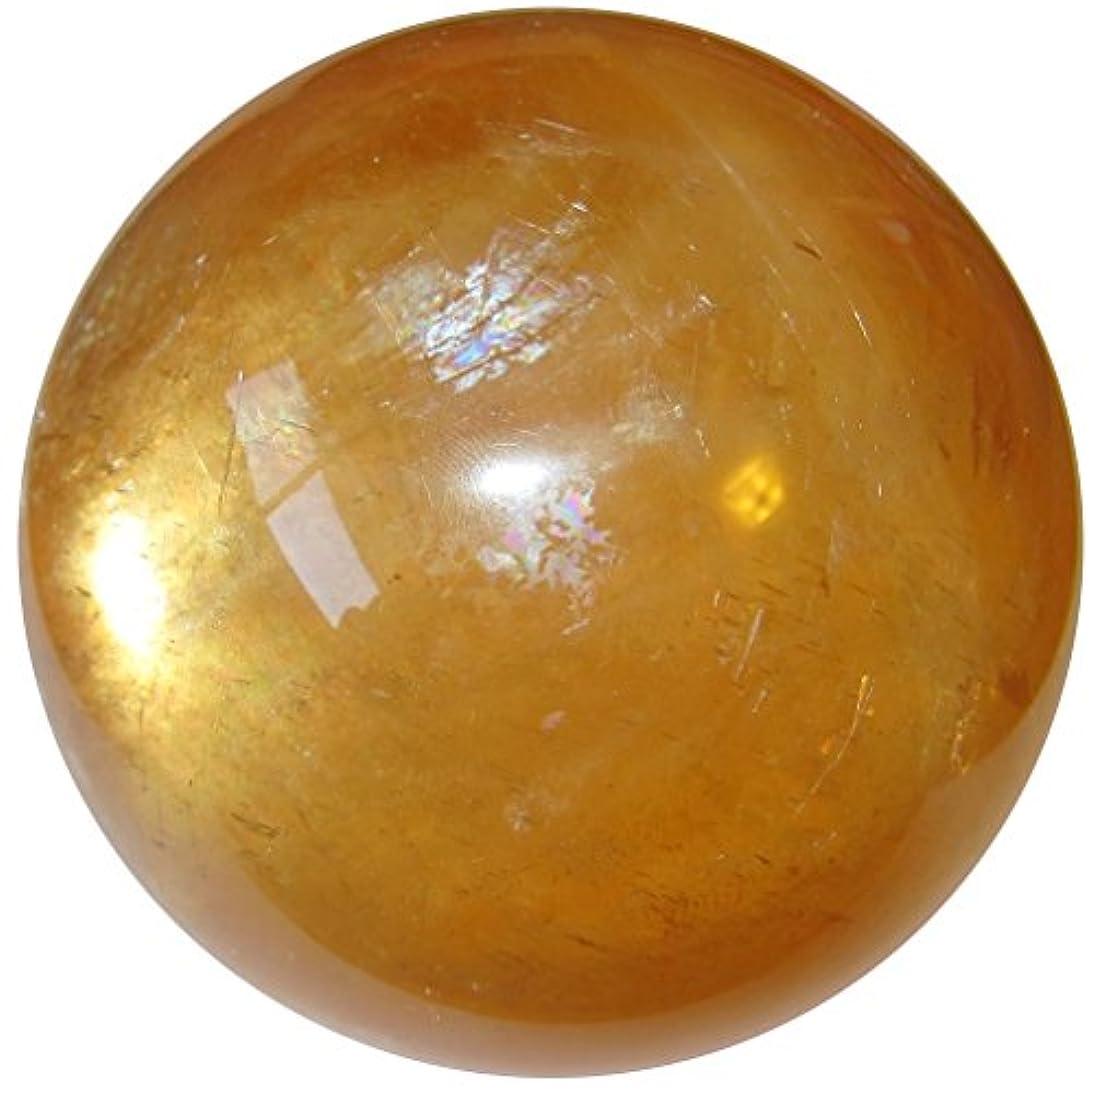 フリル化学薬品感性Calciteオレンジボール3.4